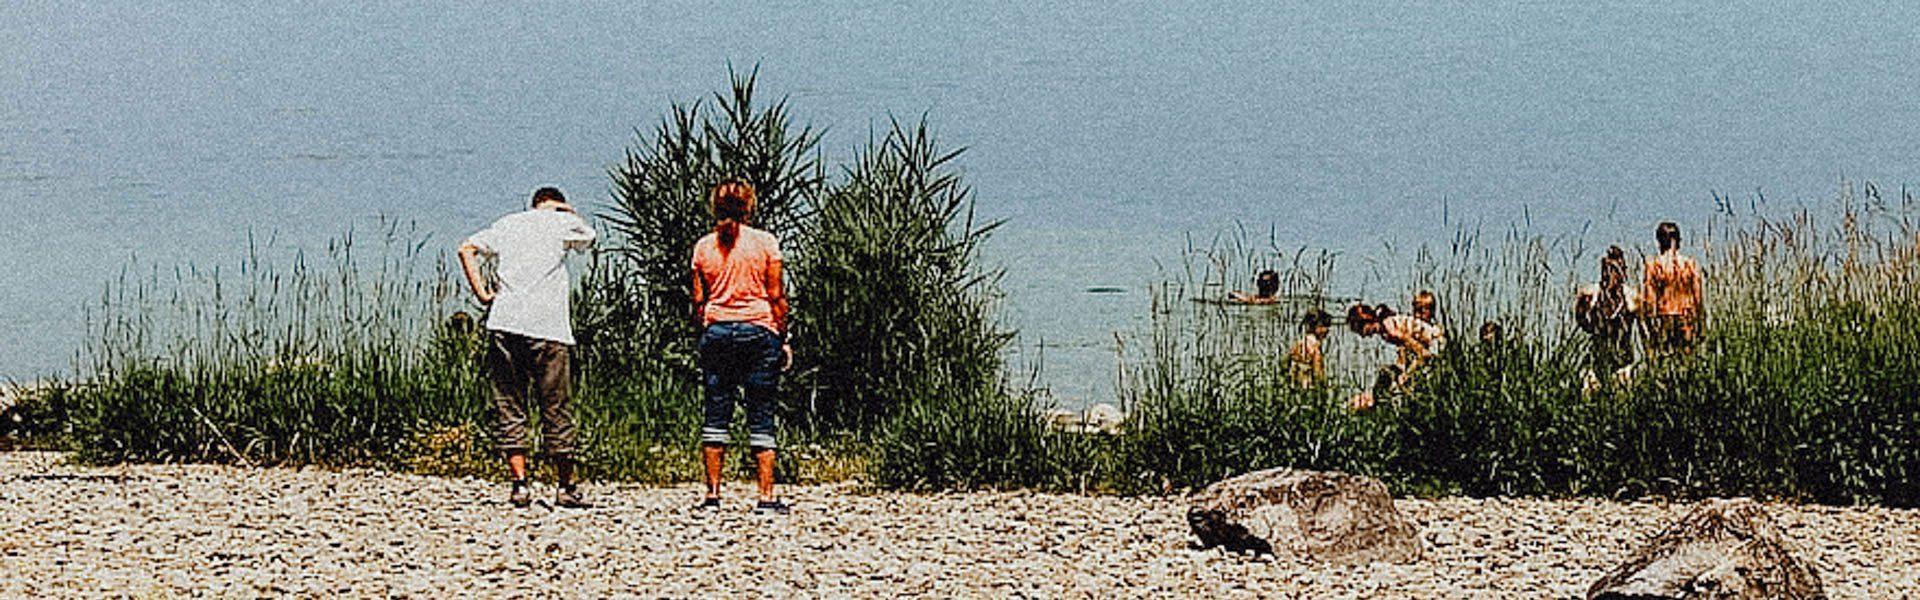 SichtWeisen   Lebensgrundlage Wasser